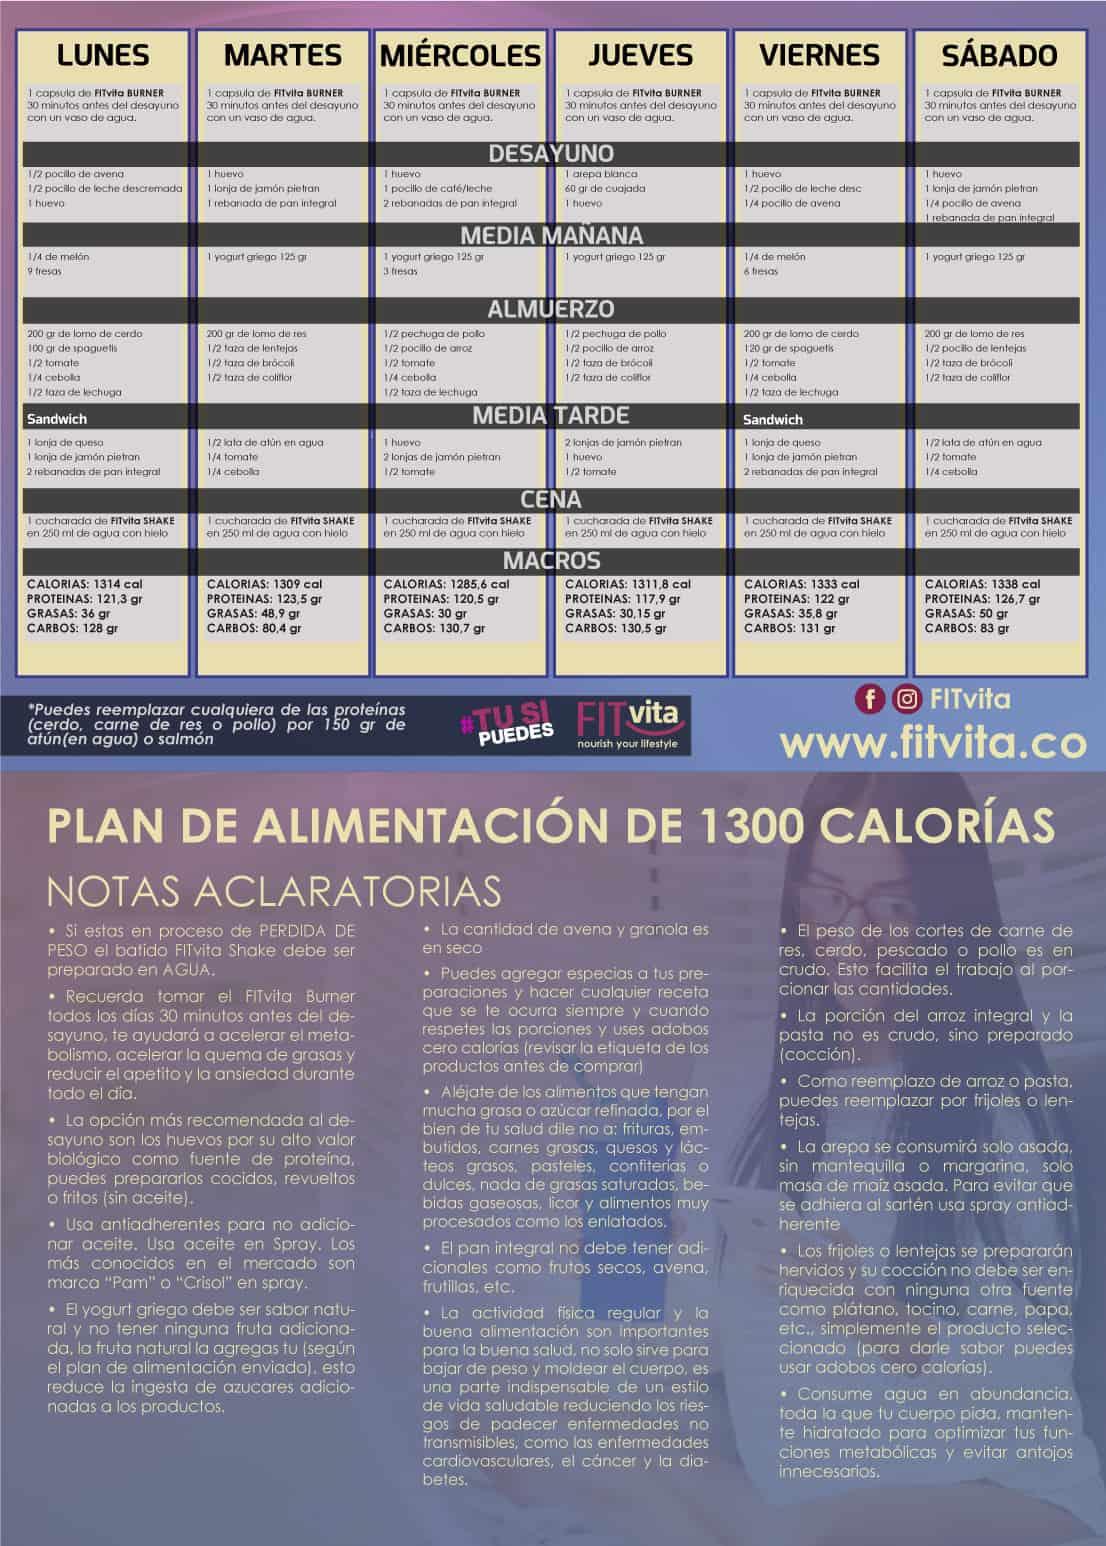 plan de alimentación de 1300 calorías - FITvita